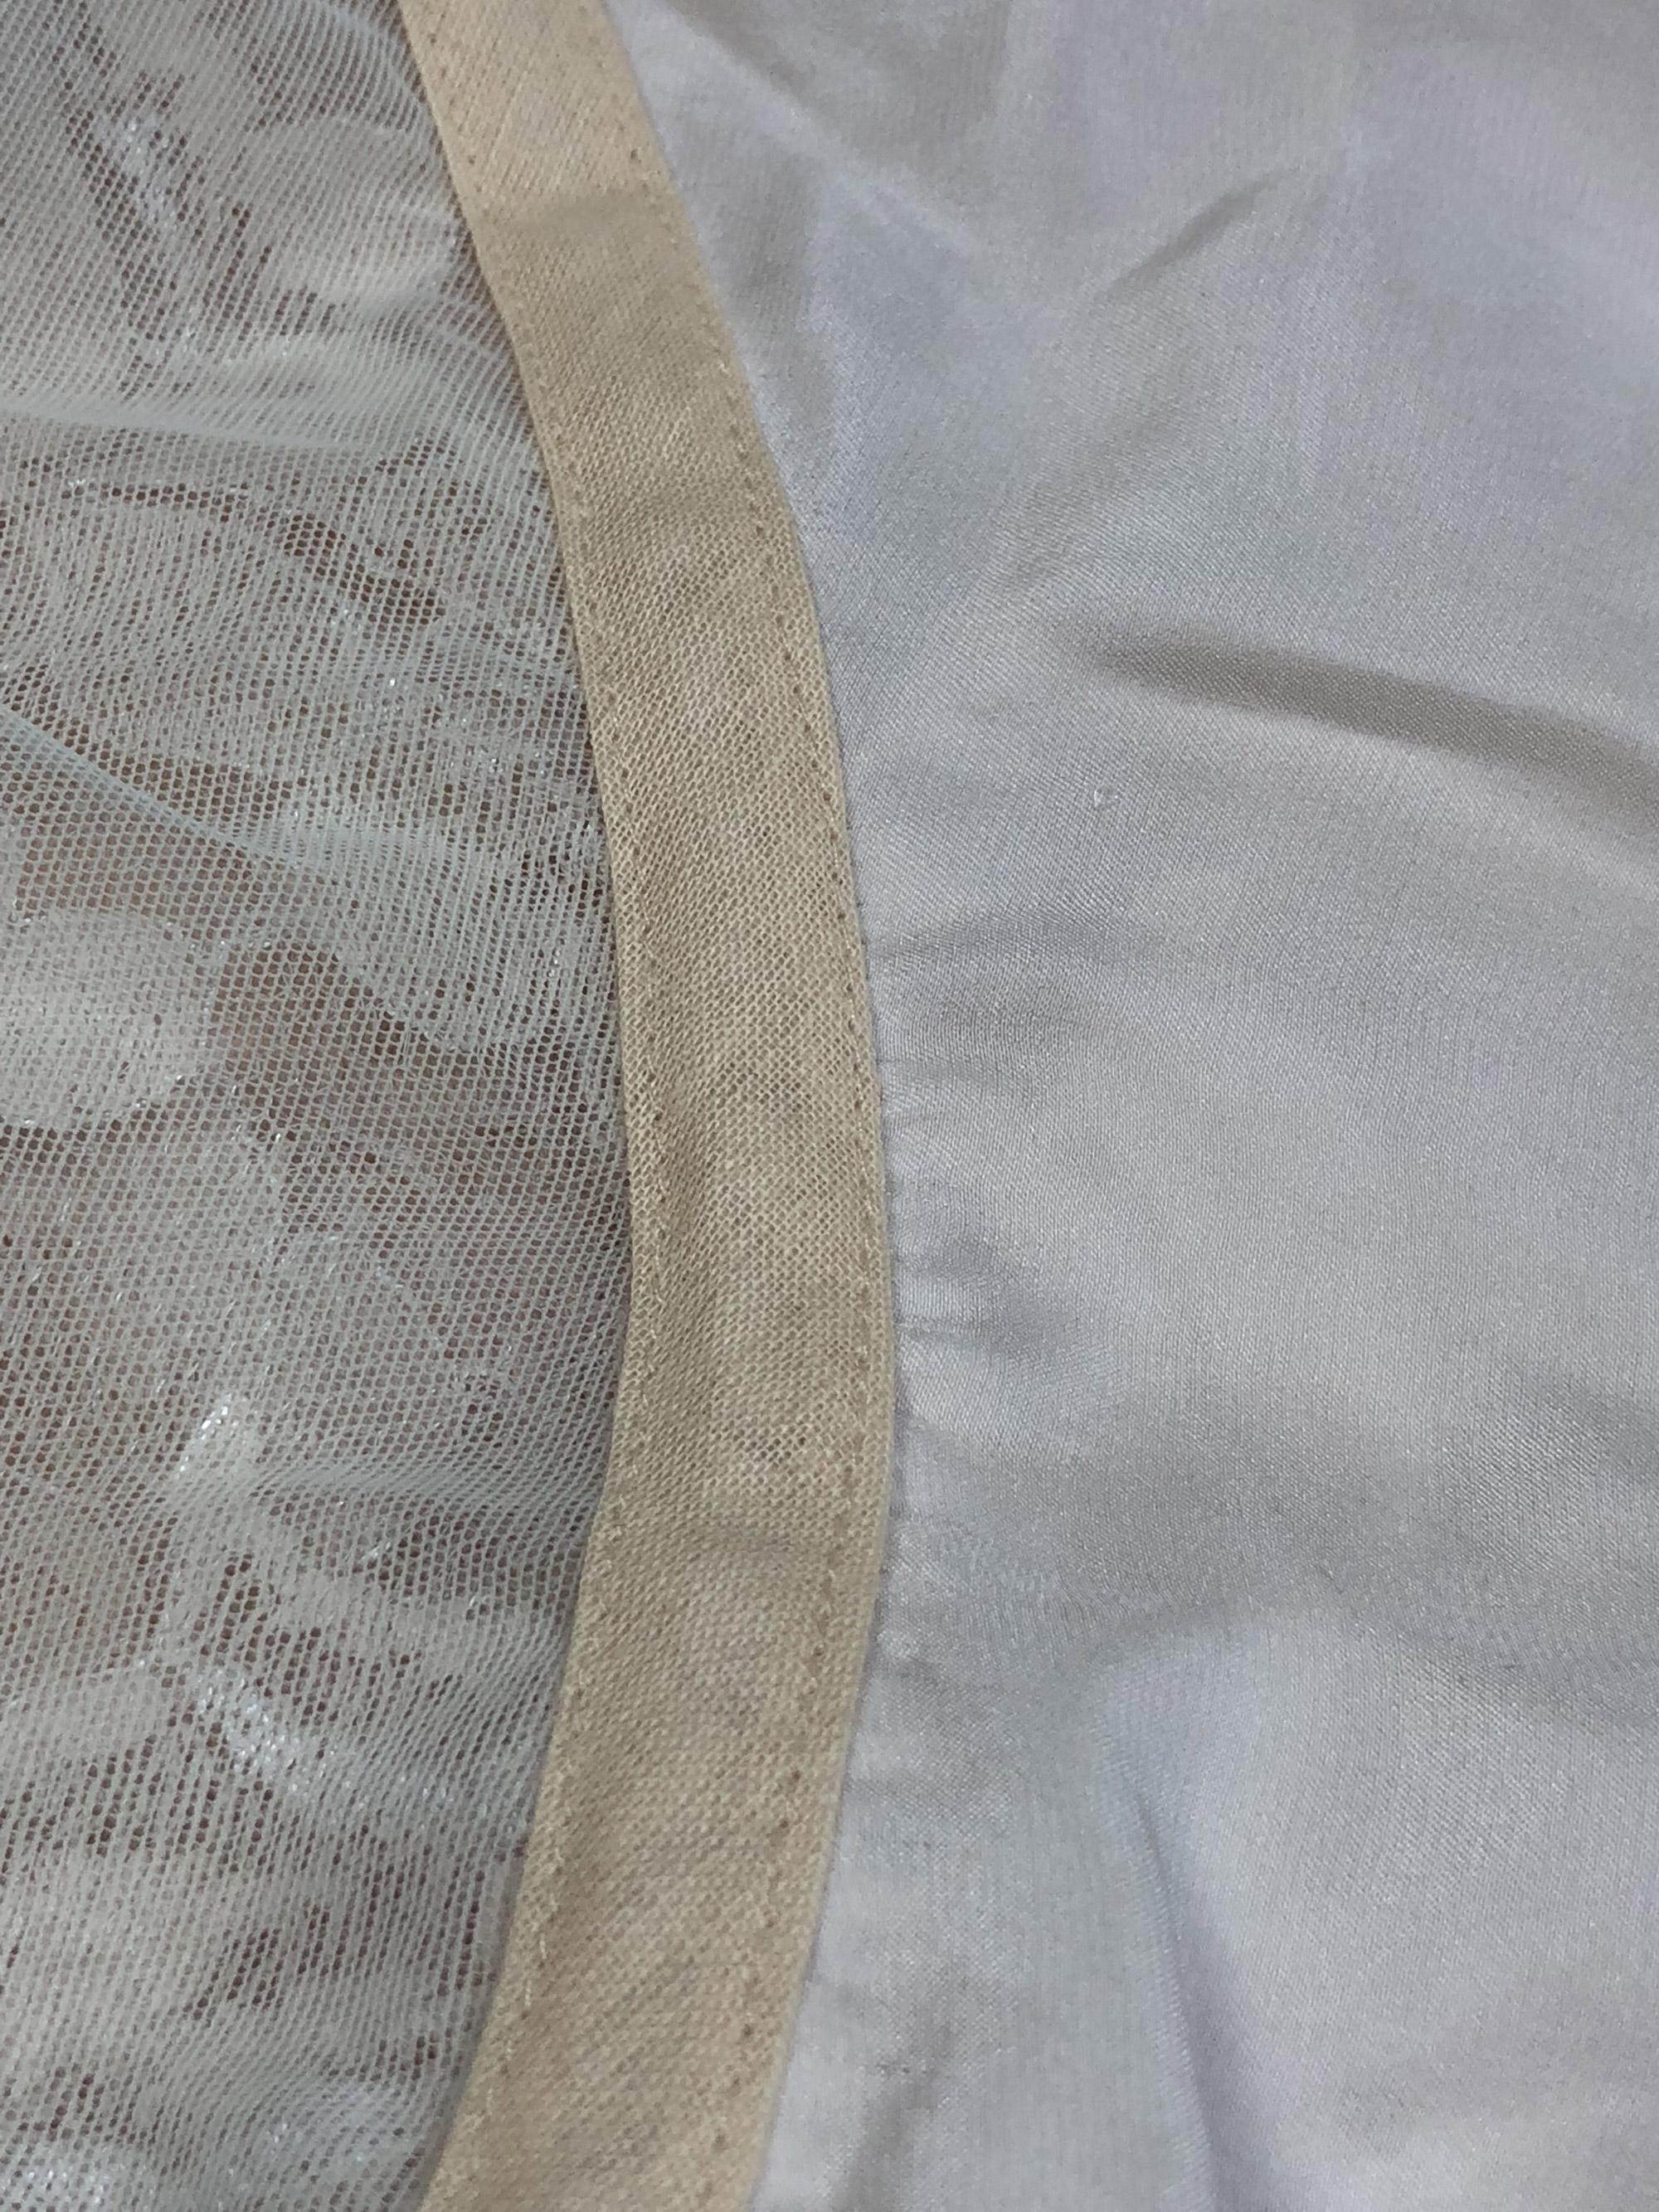 Как я купила лакшери-бельё по масс-маркет цене и что из этого вышло: Обзор боди Rosamosario